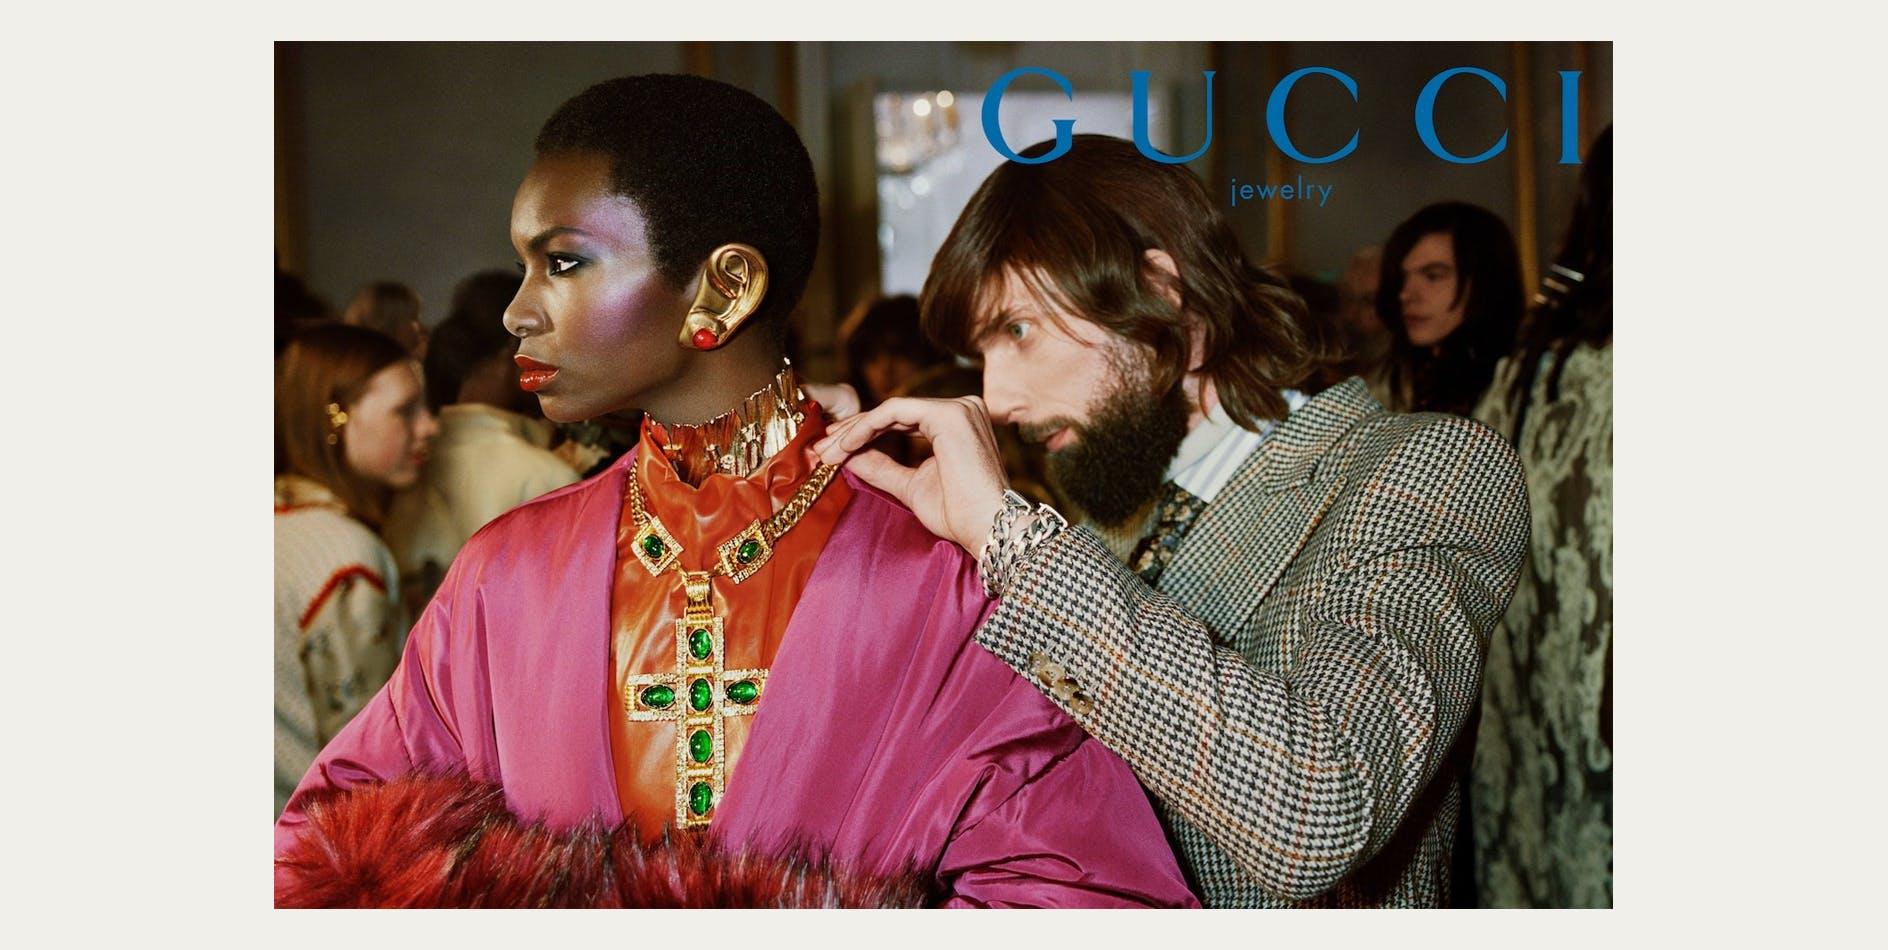 Gucci FW19 Glen Luchford campaign